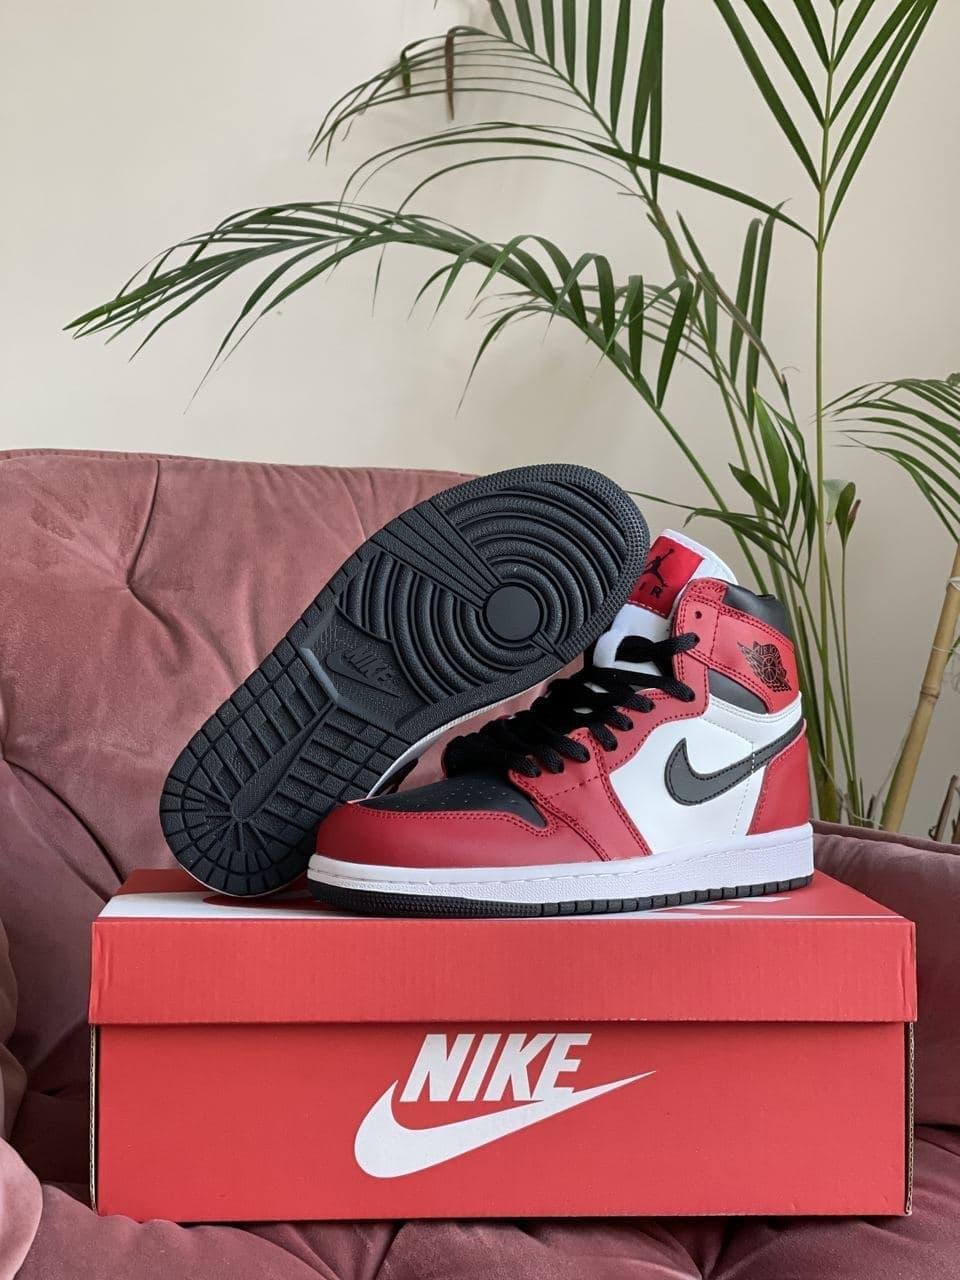 Кросівки Nk Jordan 1 білі з червоним \ чорні